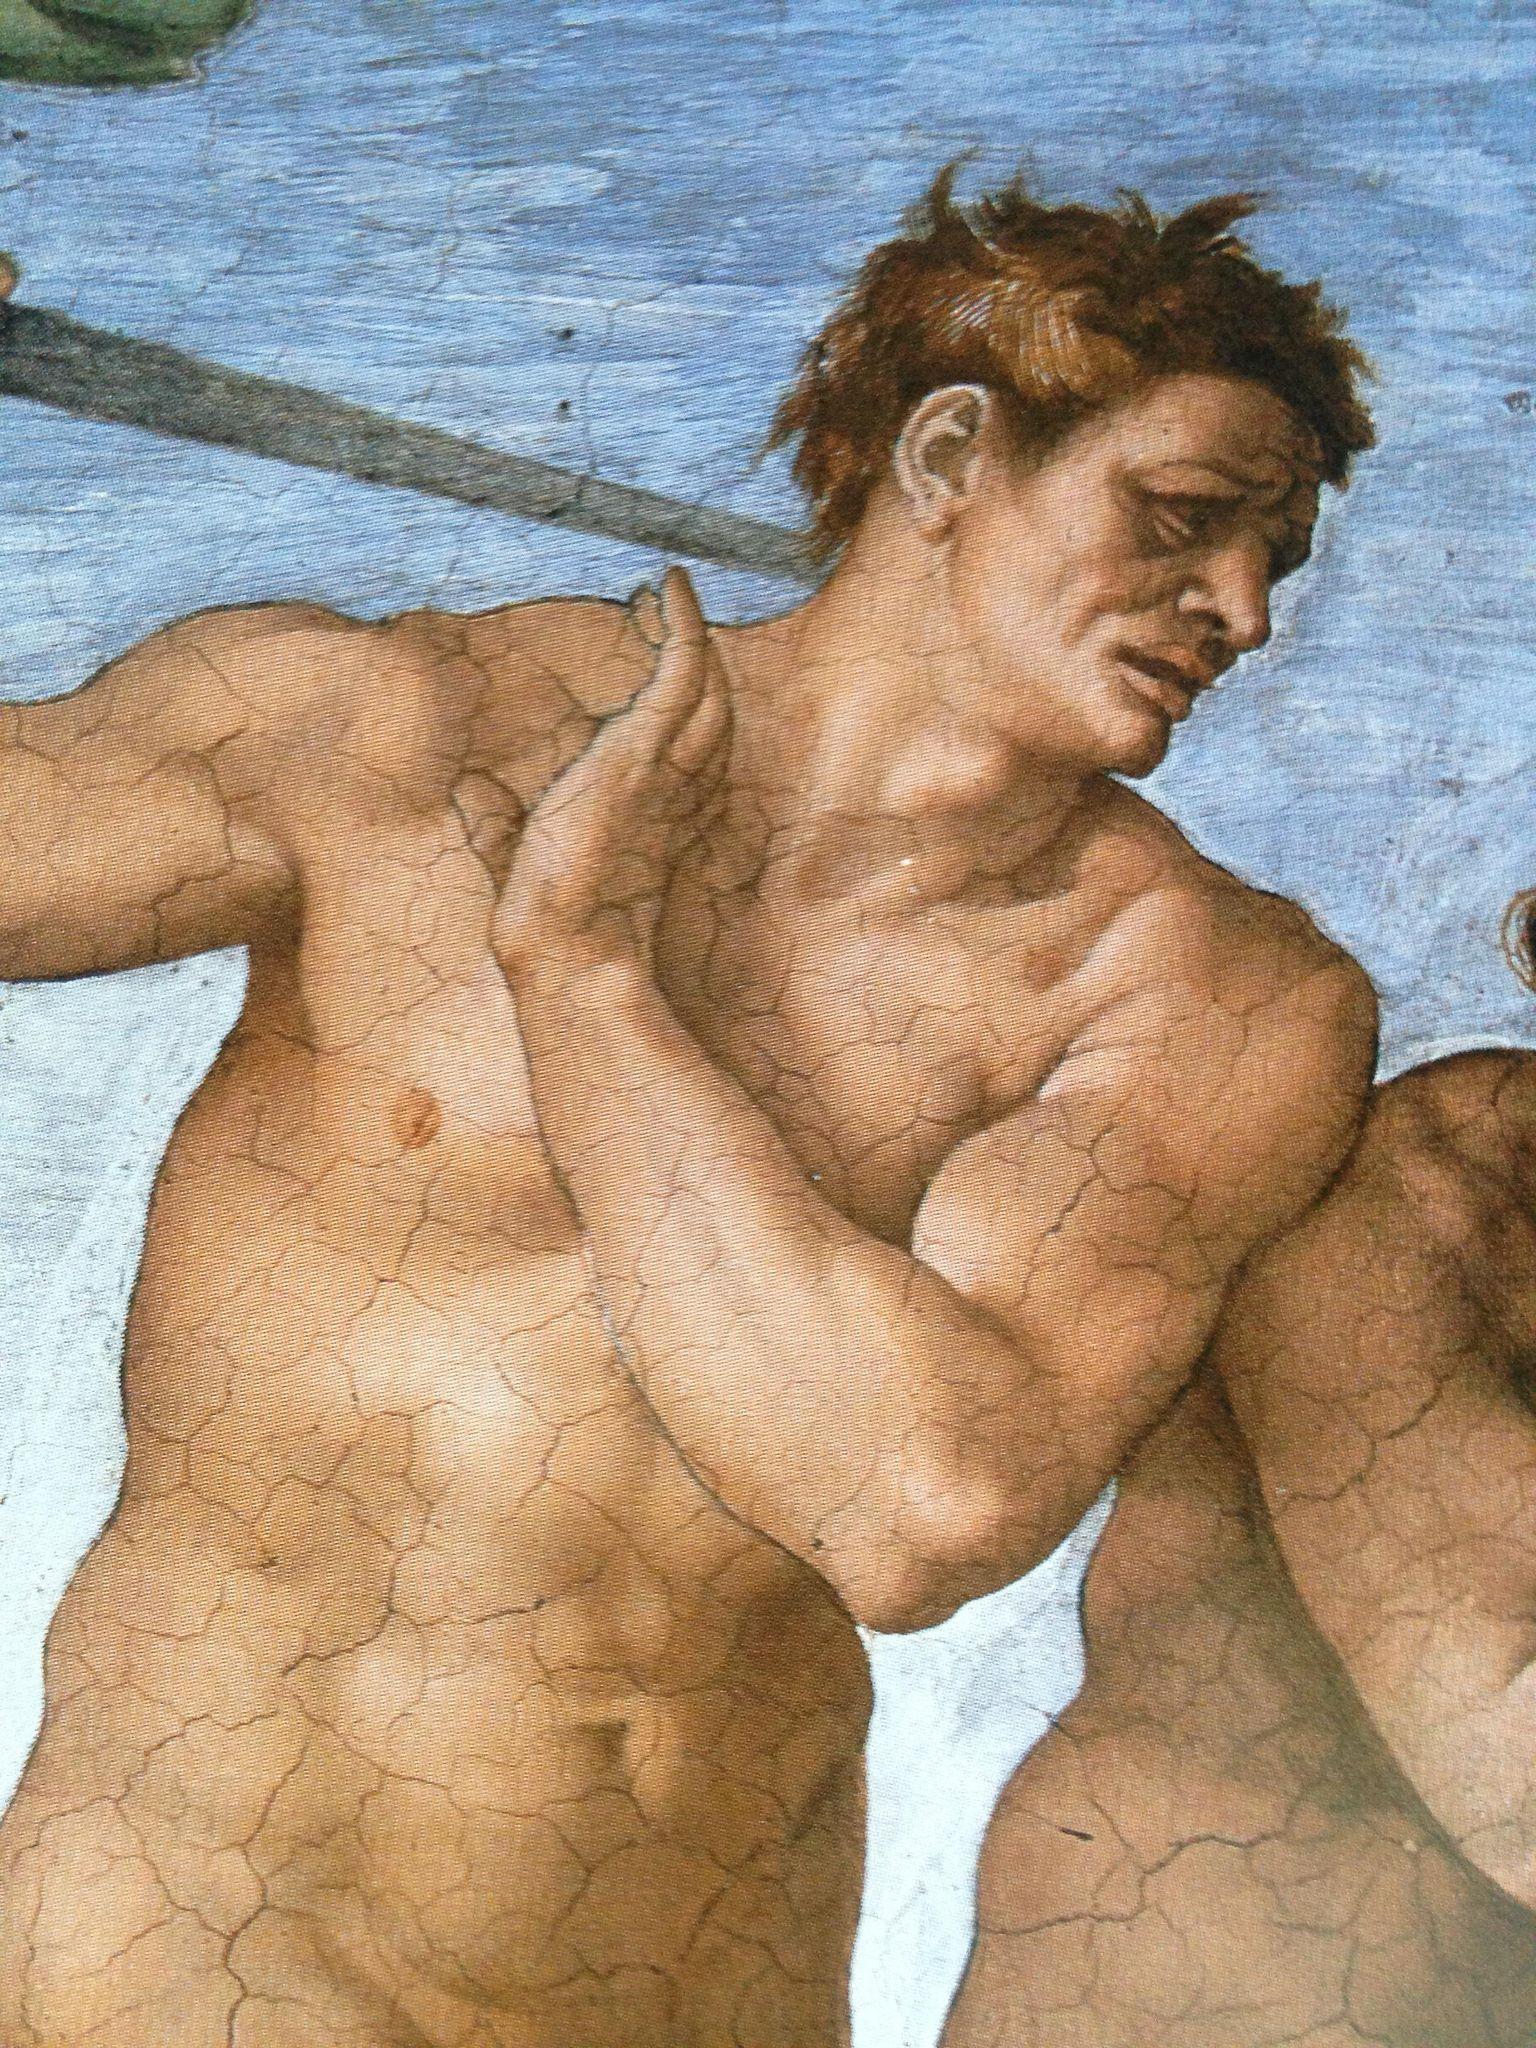 https://flic.kr/p/nbBqfc | Luigi Speranza -- Buonarroti -- #ADAMO -- Adamo nella pittura italiana --. | Luigi Speranza -- Buonarroti